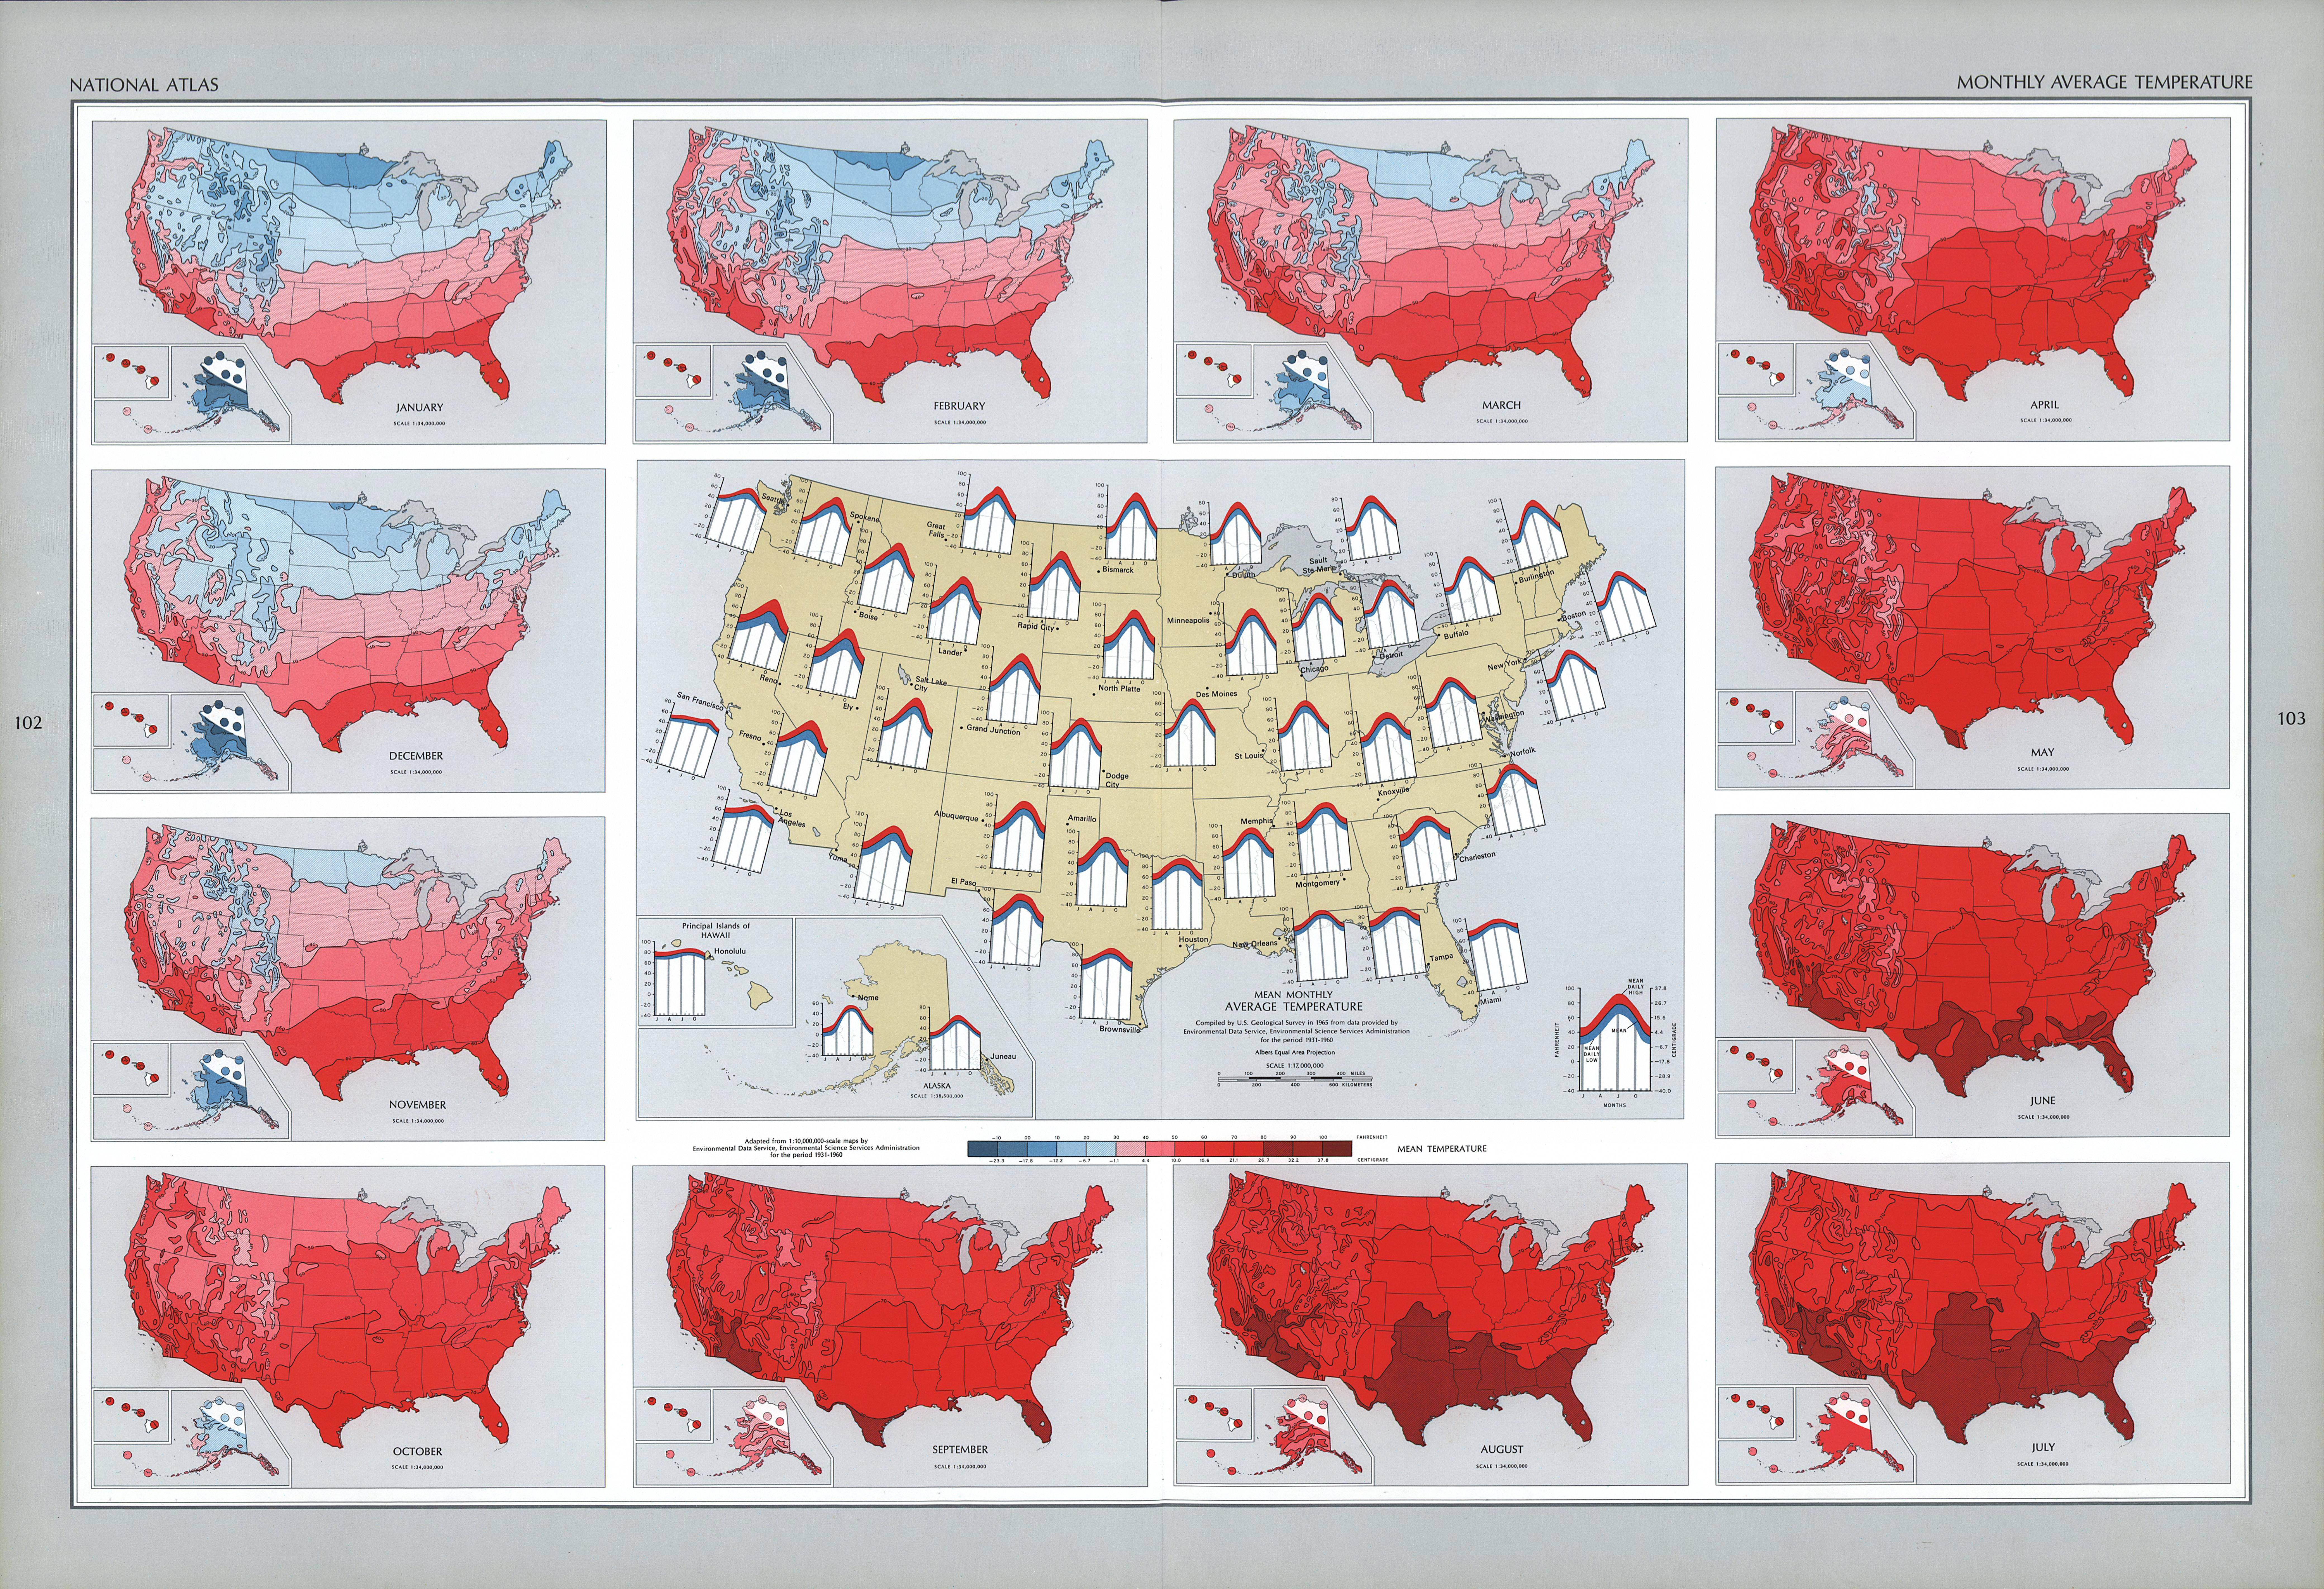 Mapa de la Temperatura Promedio Mensual en Estados Unidos